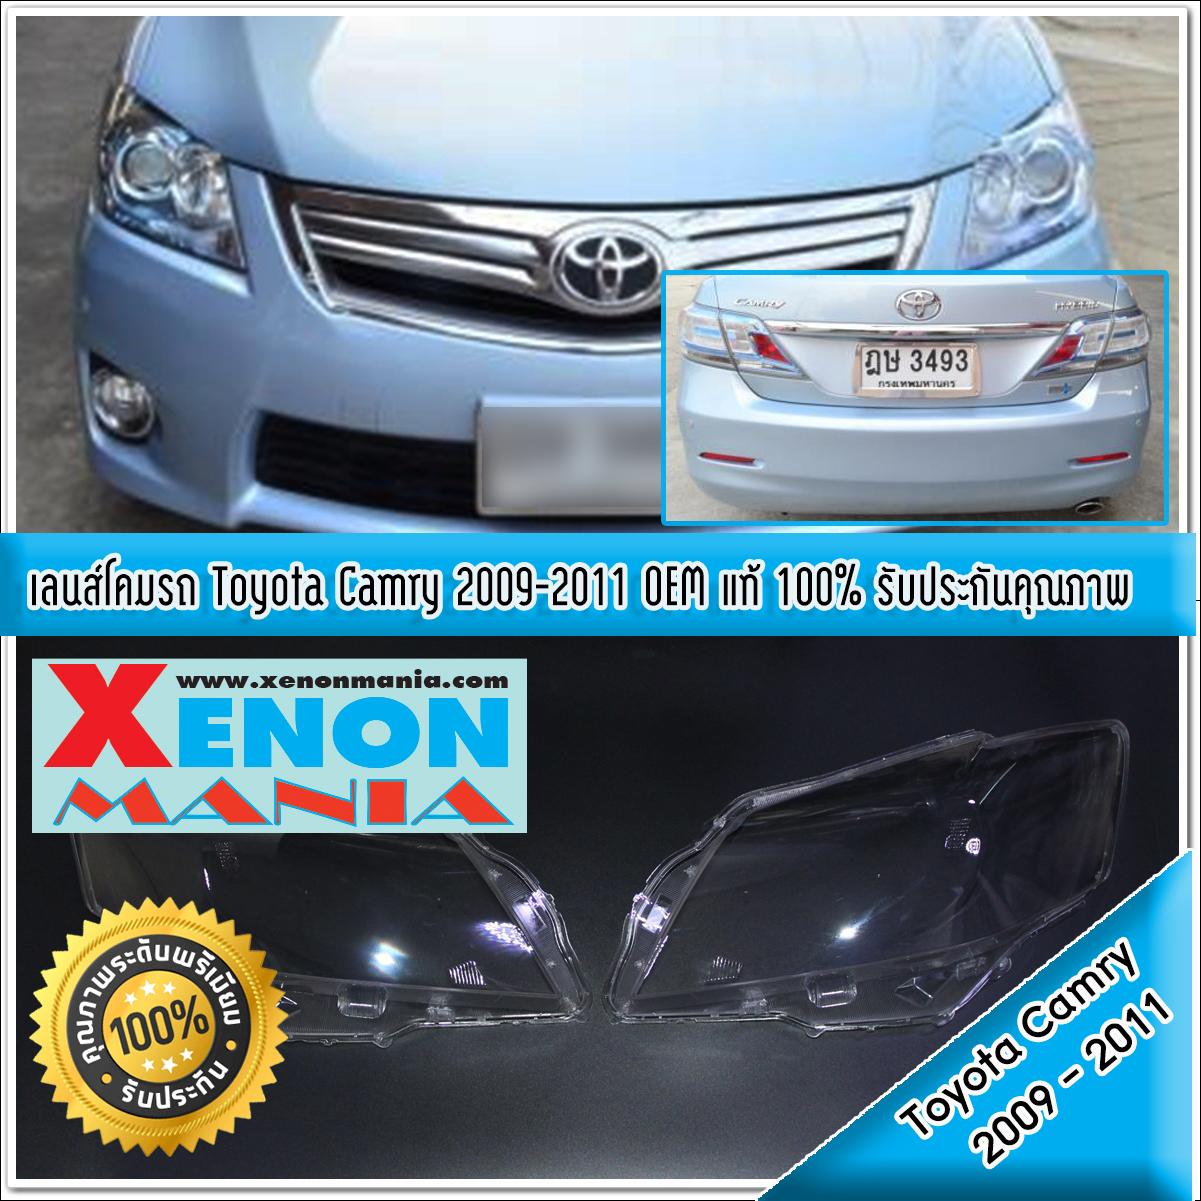 พลาสติกครอบเลนส์ไฟหน้า ฝาครอบไฟหน้า ไฟหน้ารถยนต์ เลนส์โคมไฟหน้า Toyota Camry avc40 2009-2011 ของแท้ OEM 100%